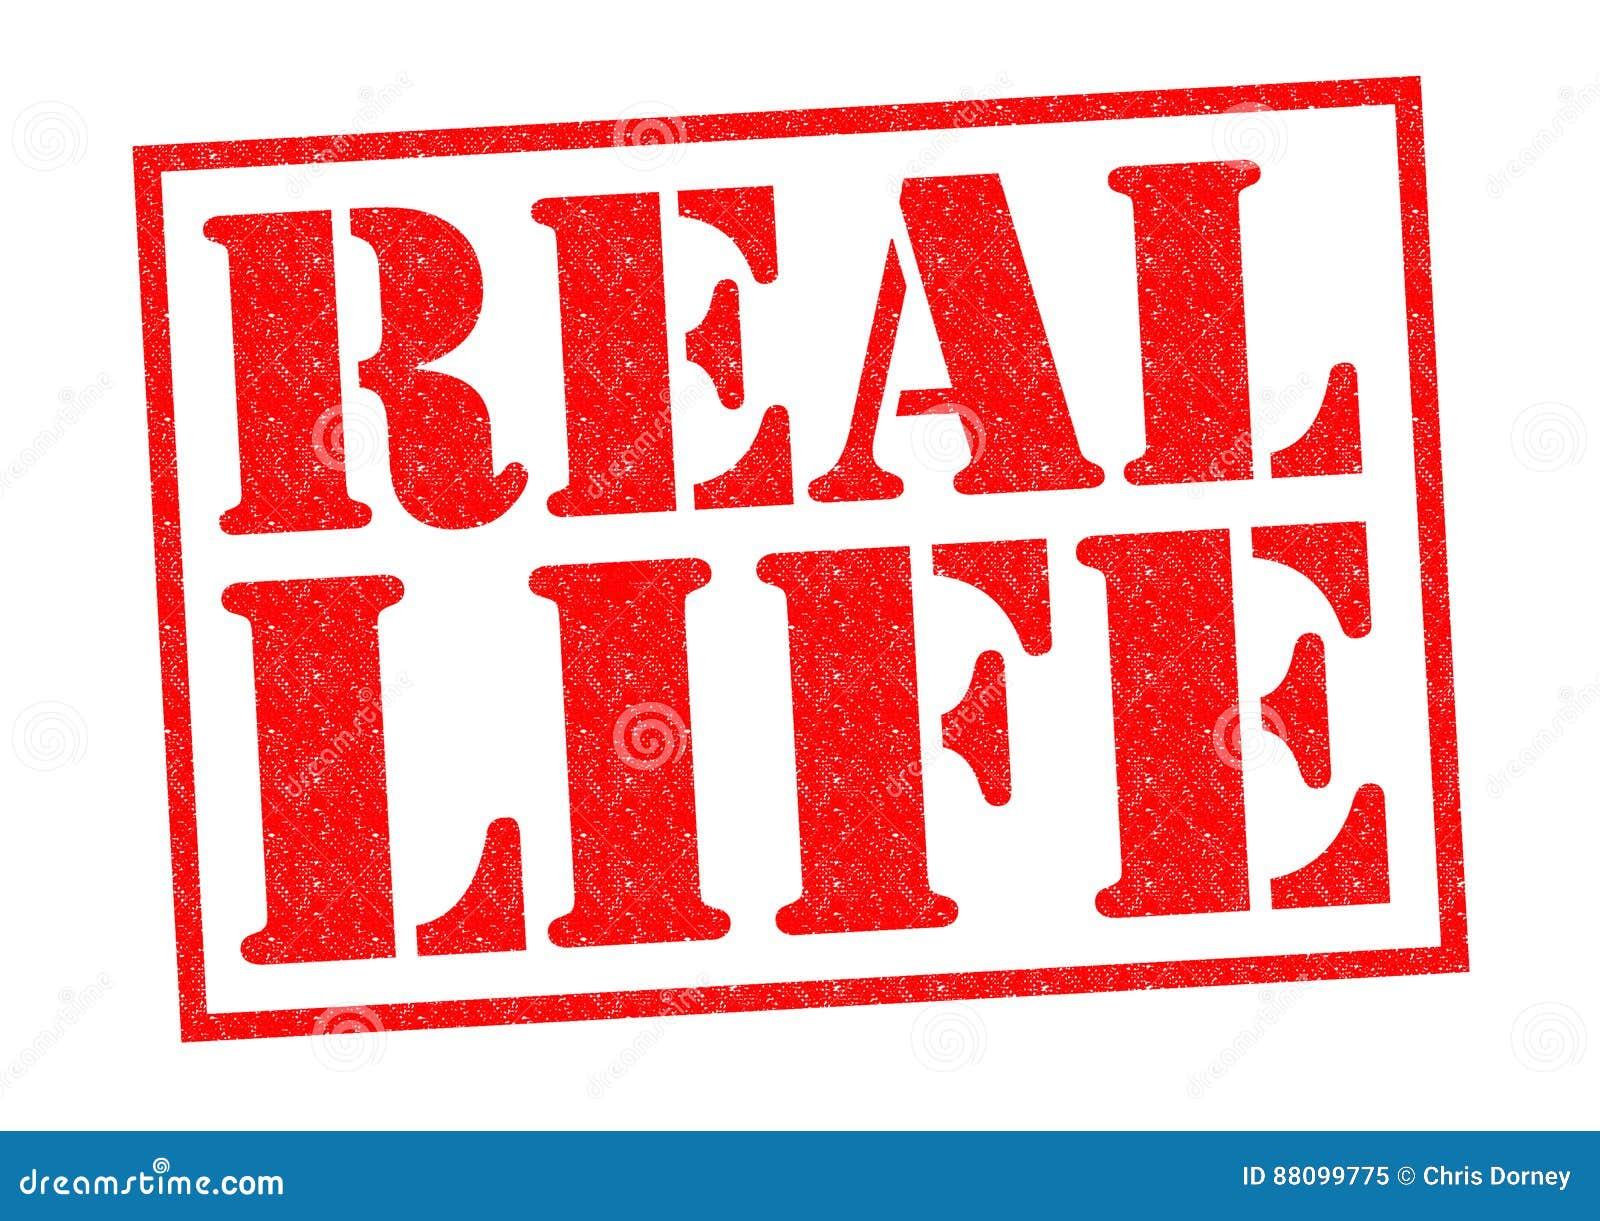 Vida real